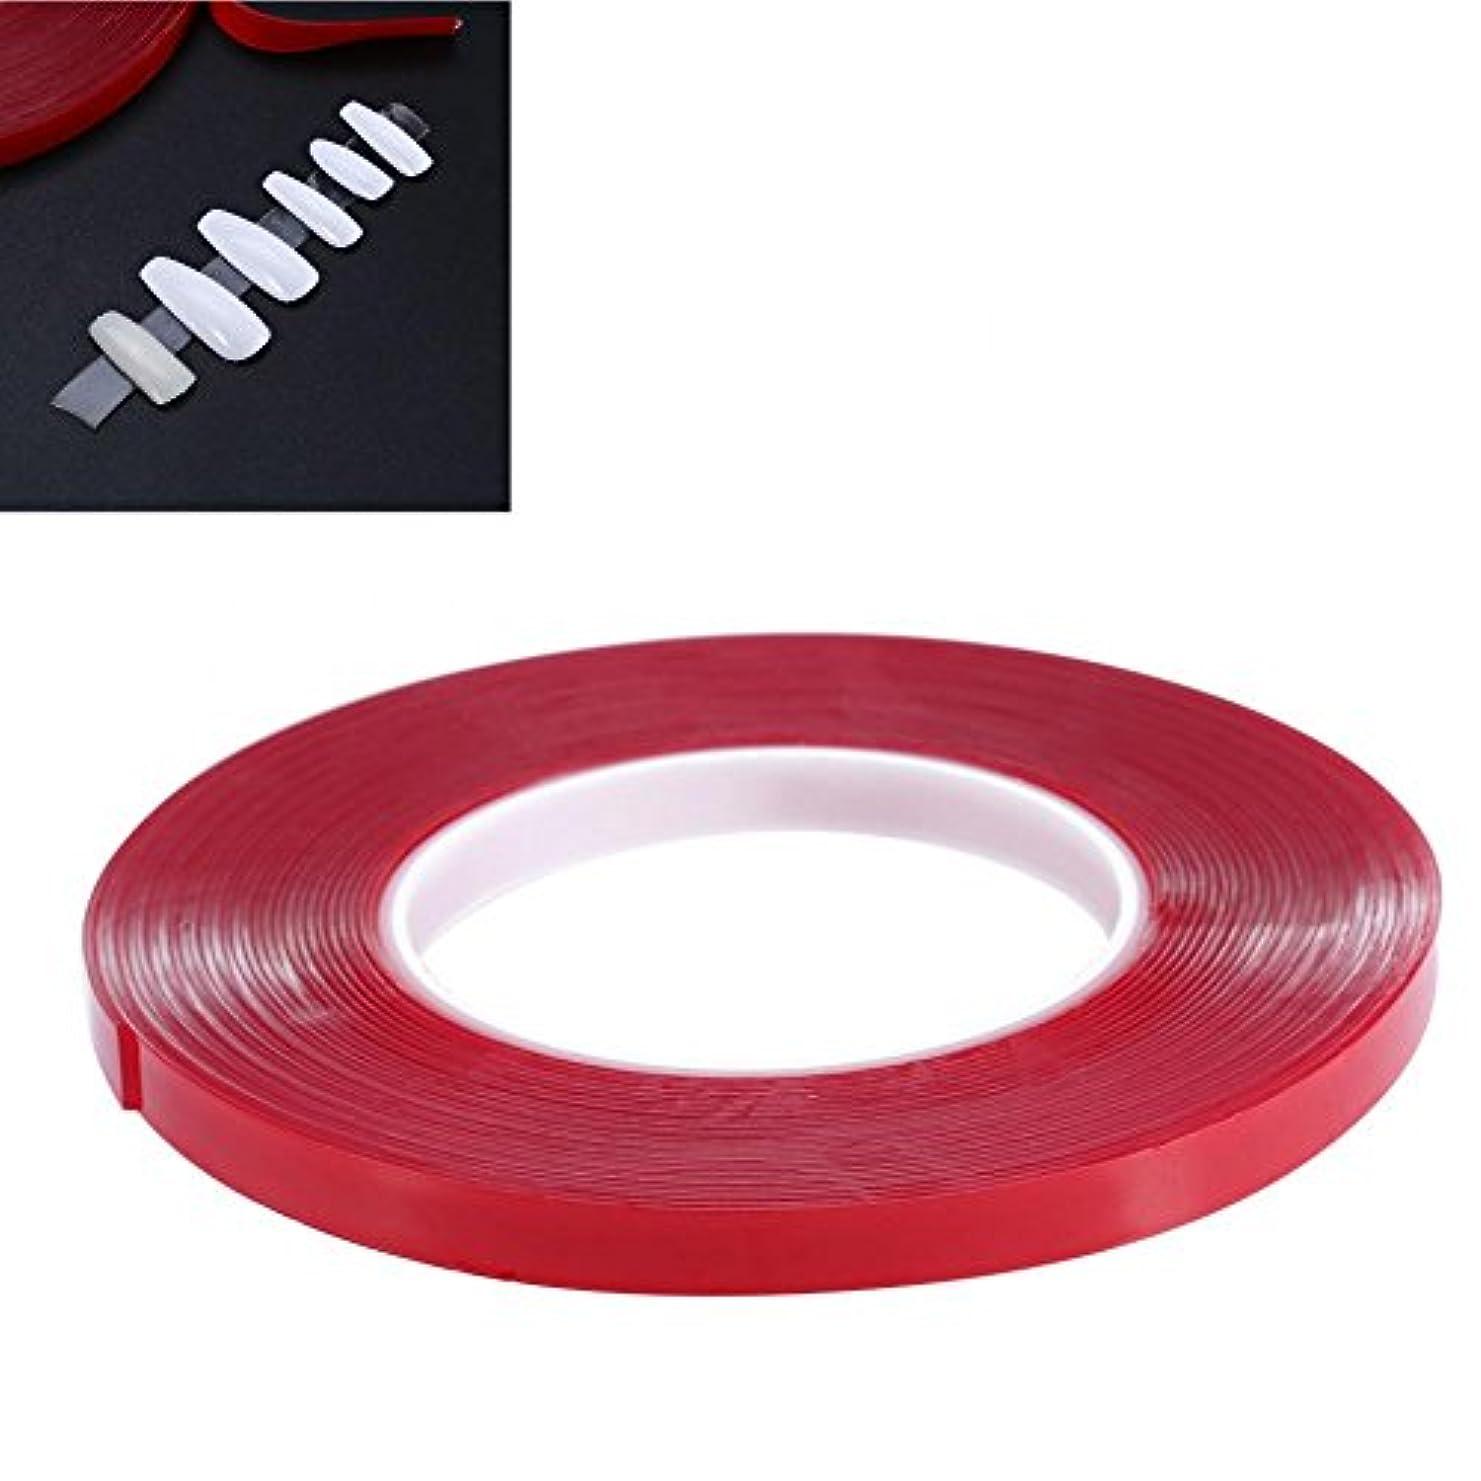 日焼けまつげステーキネイルラインテープ ネイルアート用 両面粘着テープ 透明 強い ネイル用品 長さ10m